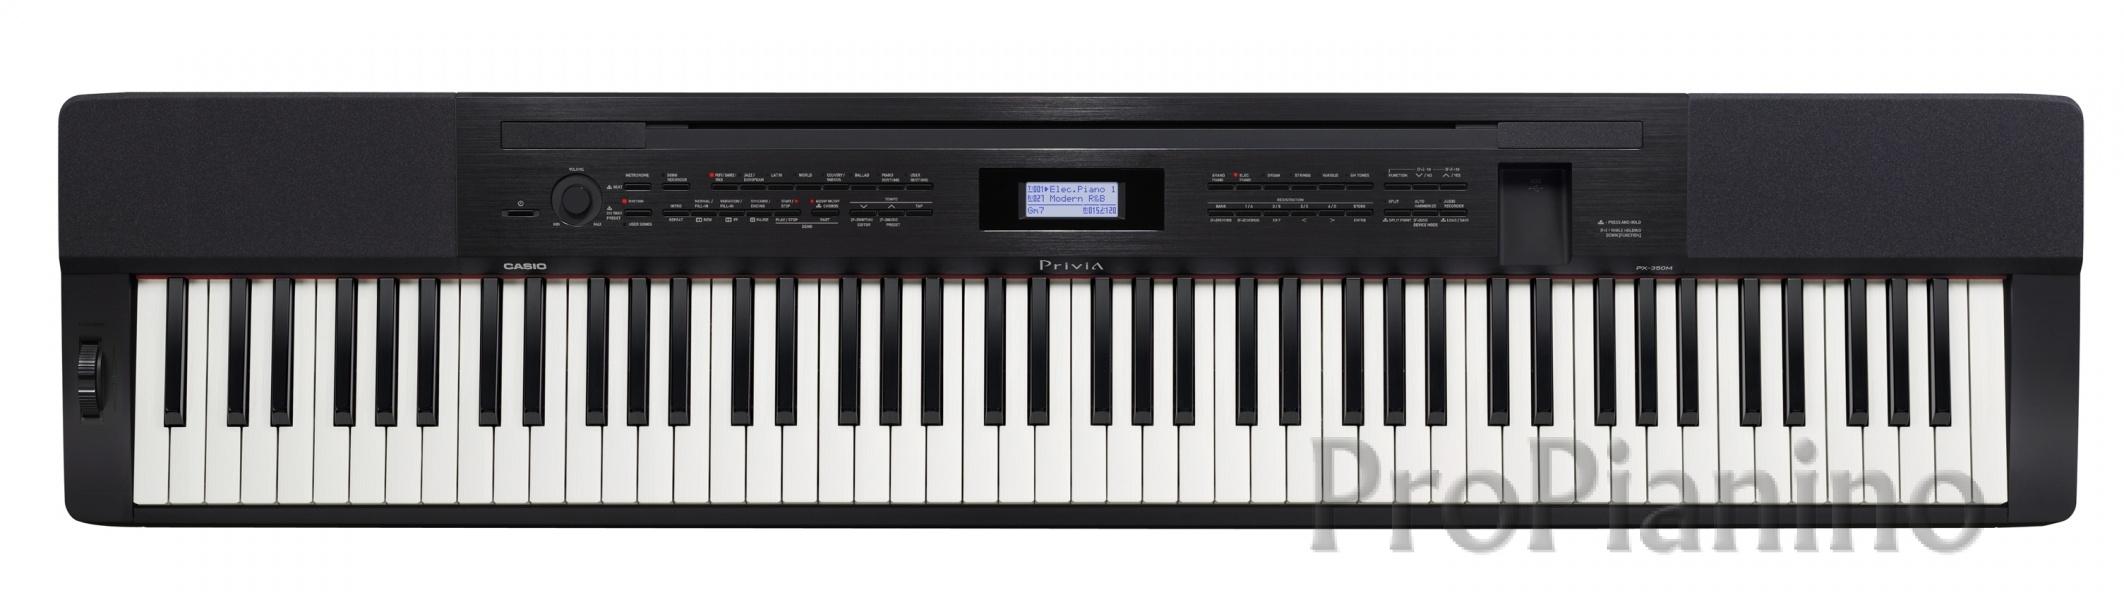 Casio PX-350 черного цвета